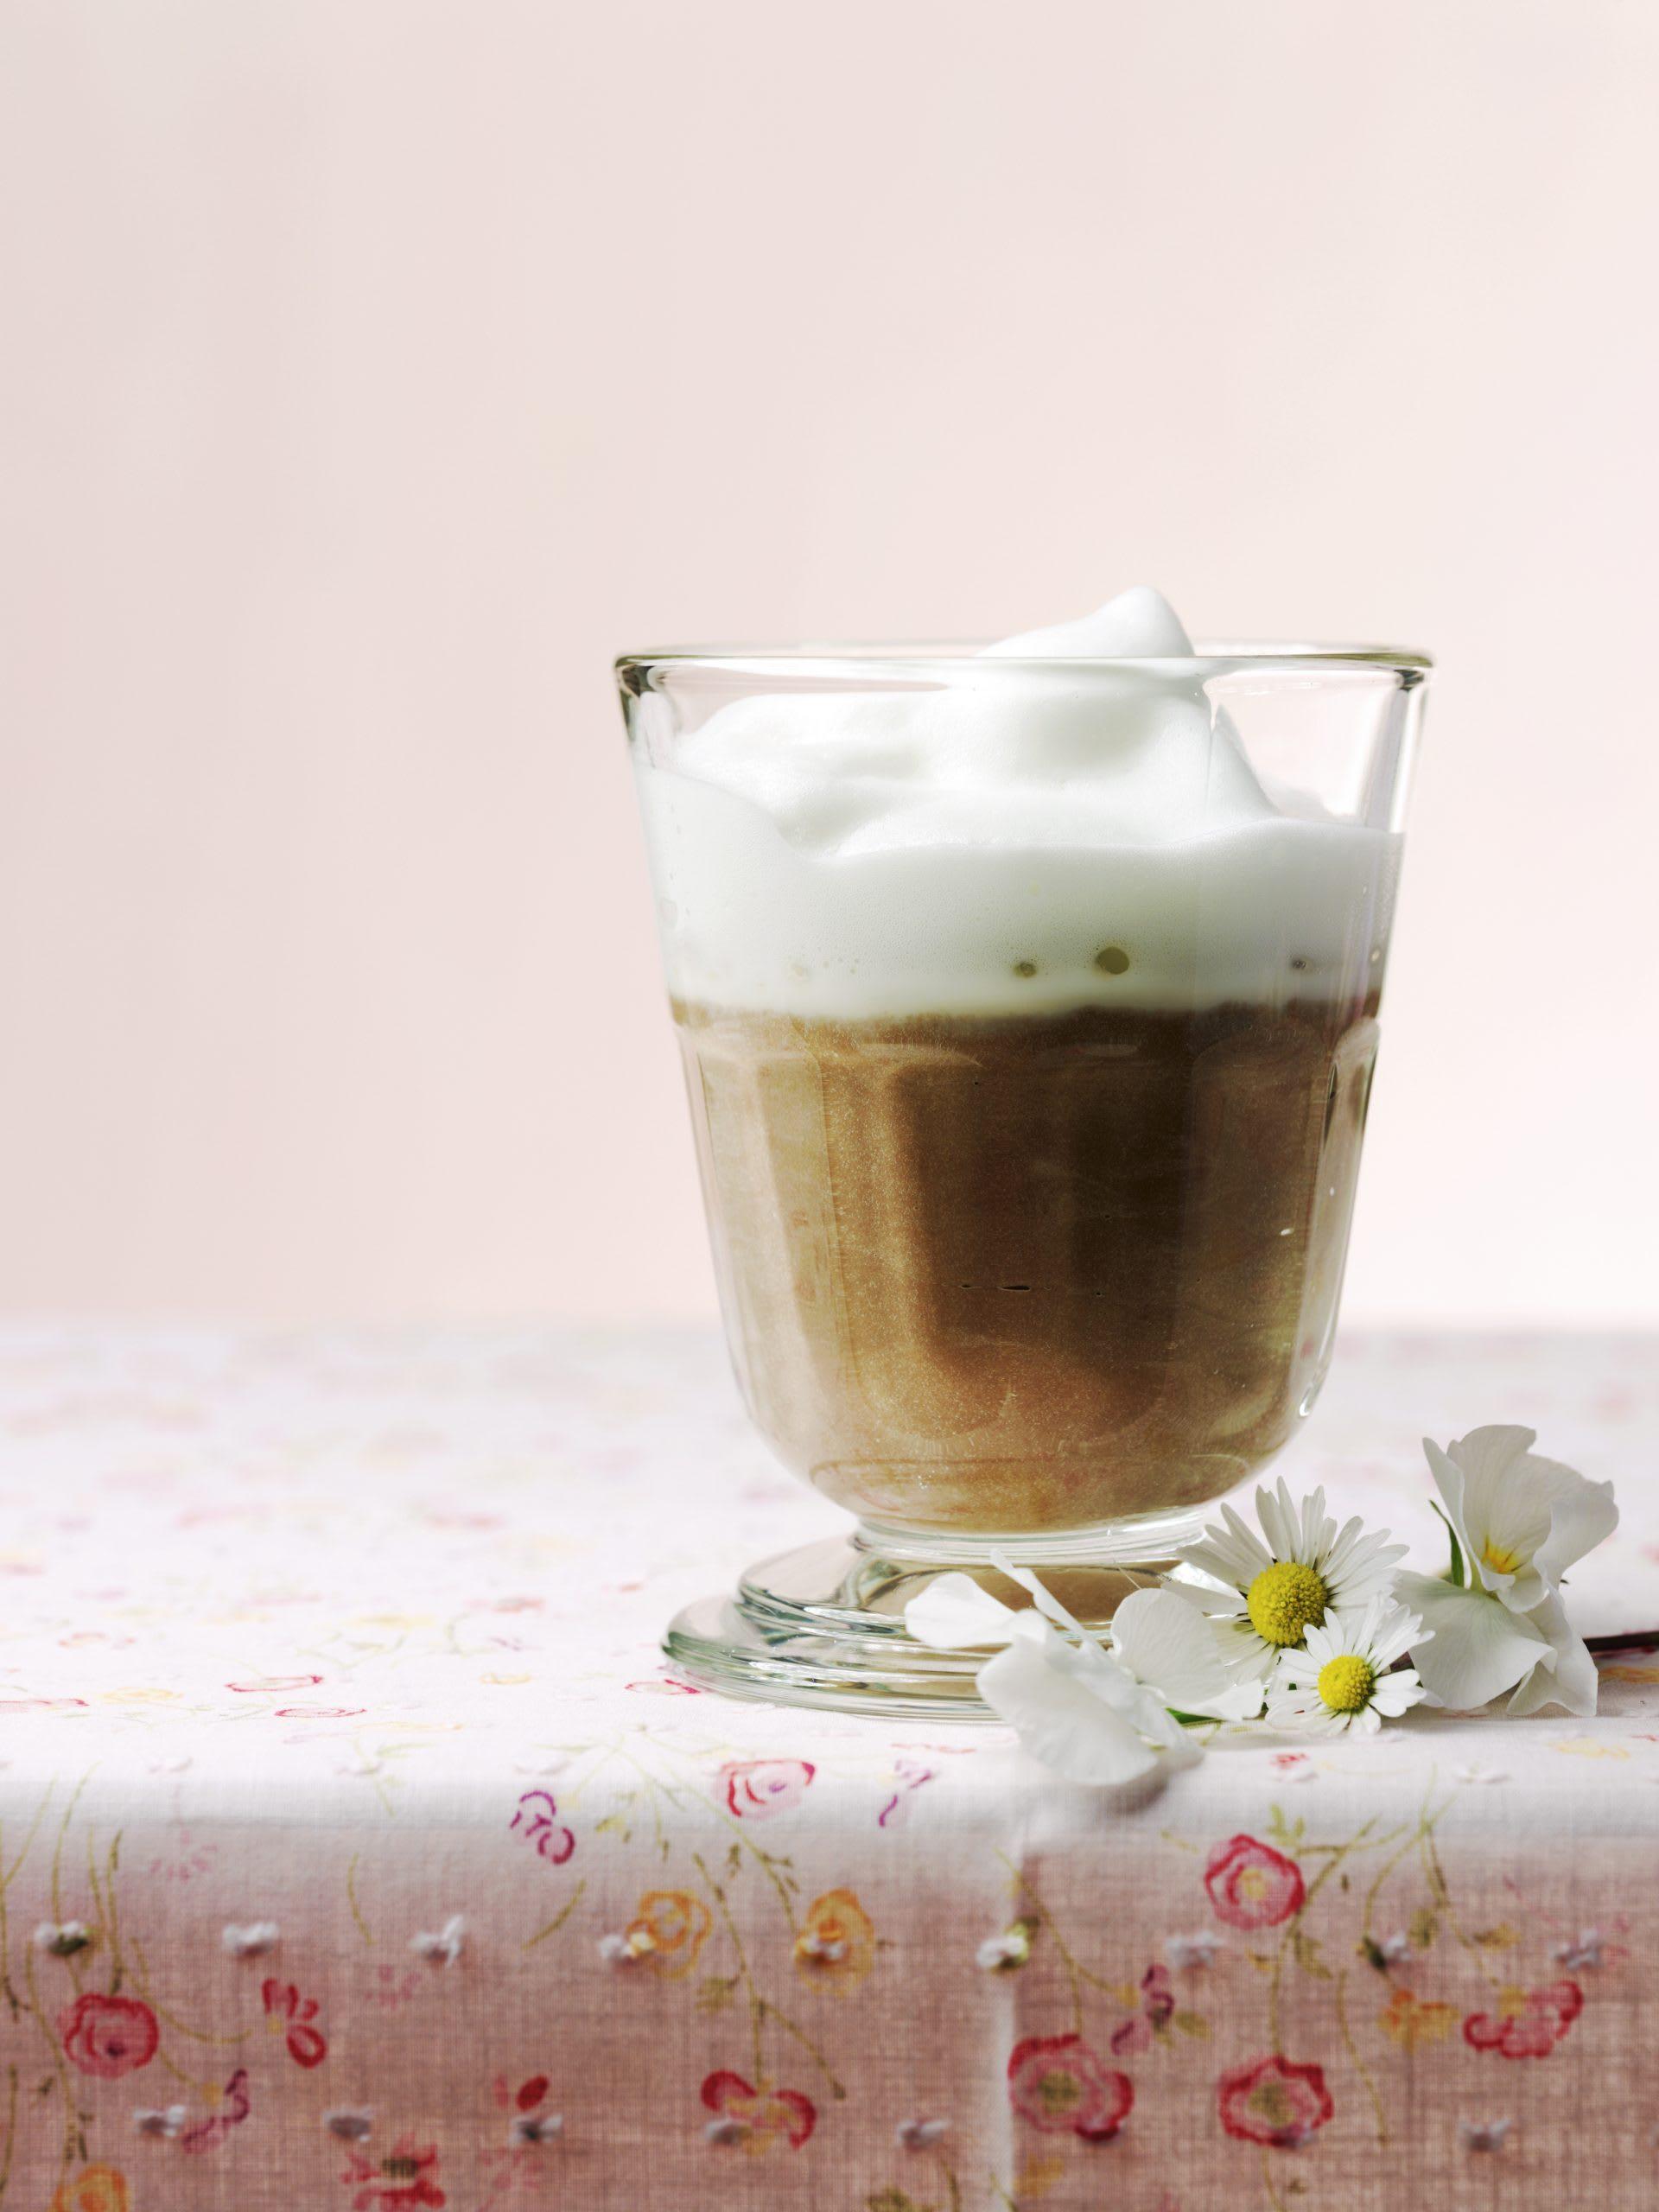 Crème macchiato